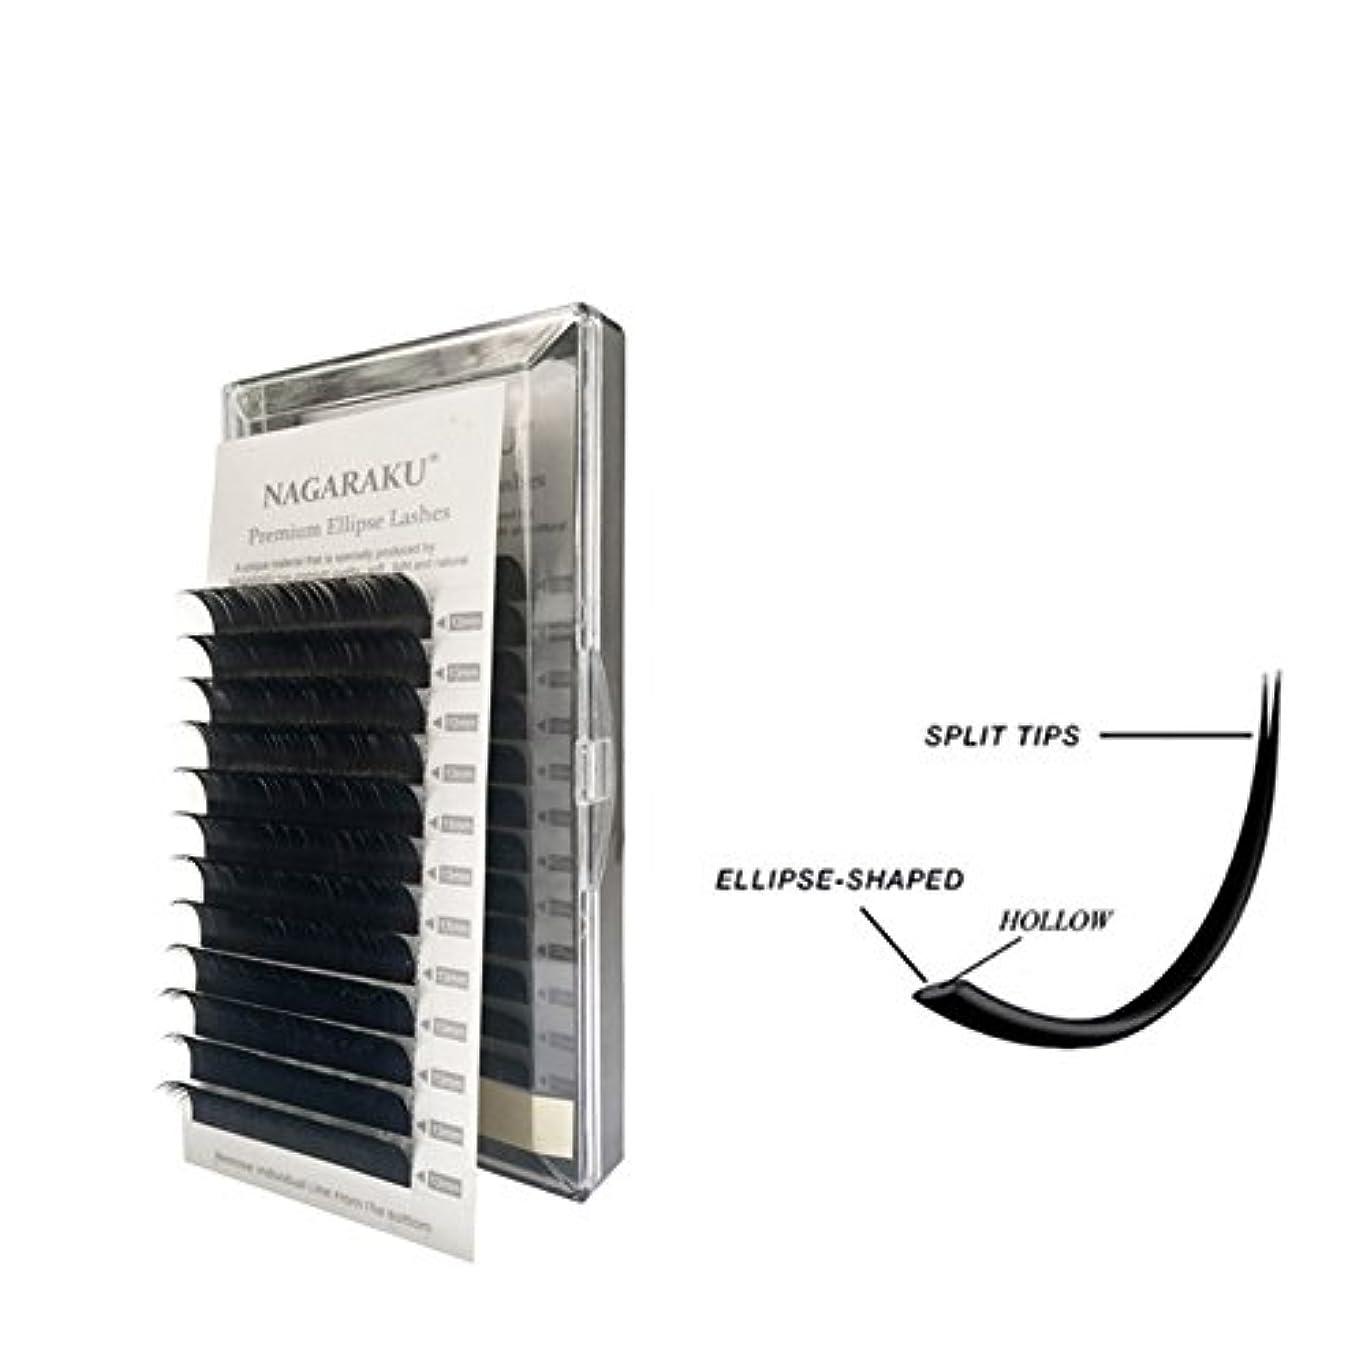 刑務所入射専門化するNAGARAKU ellipse lashes 太さ0.20mm まつげエクステ まつげエクステンション マツエク